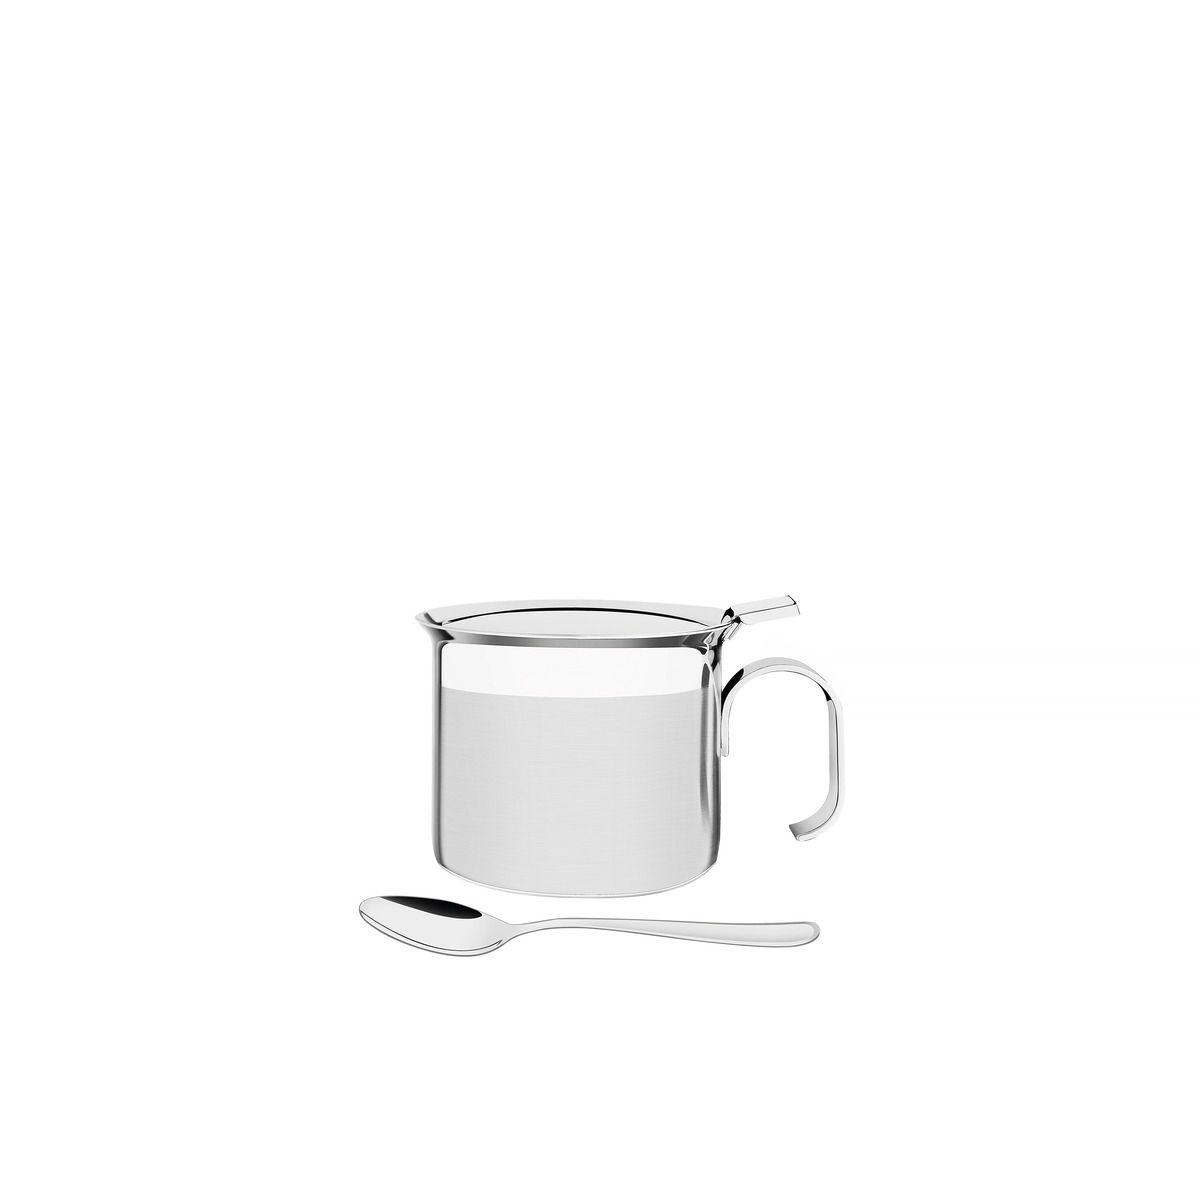 Açucareiro Tramontina com Alça em Aço Inox com Colher Detalhe Brilho 8 cm 350 ml 64570/500 | Lojas Estrela